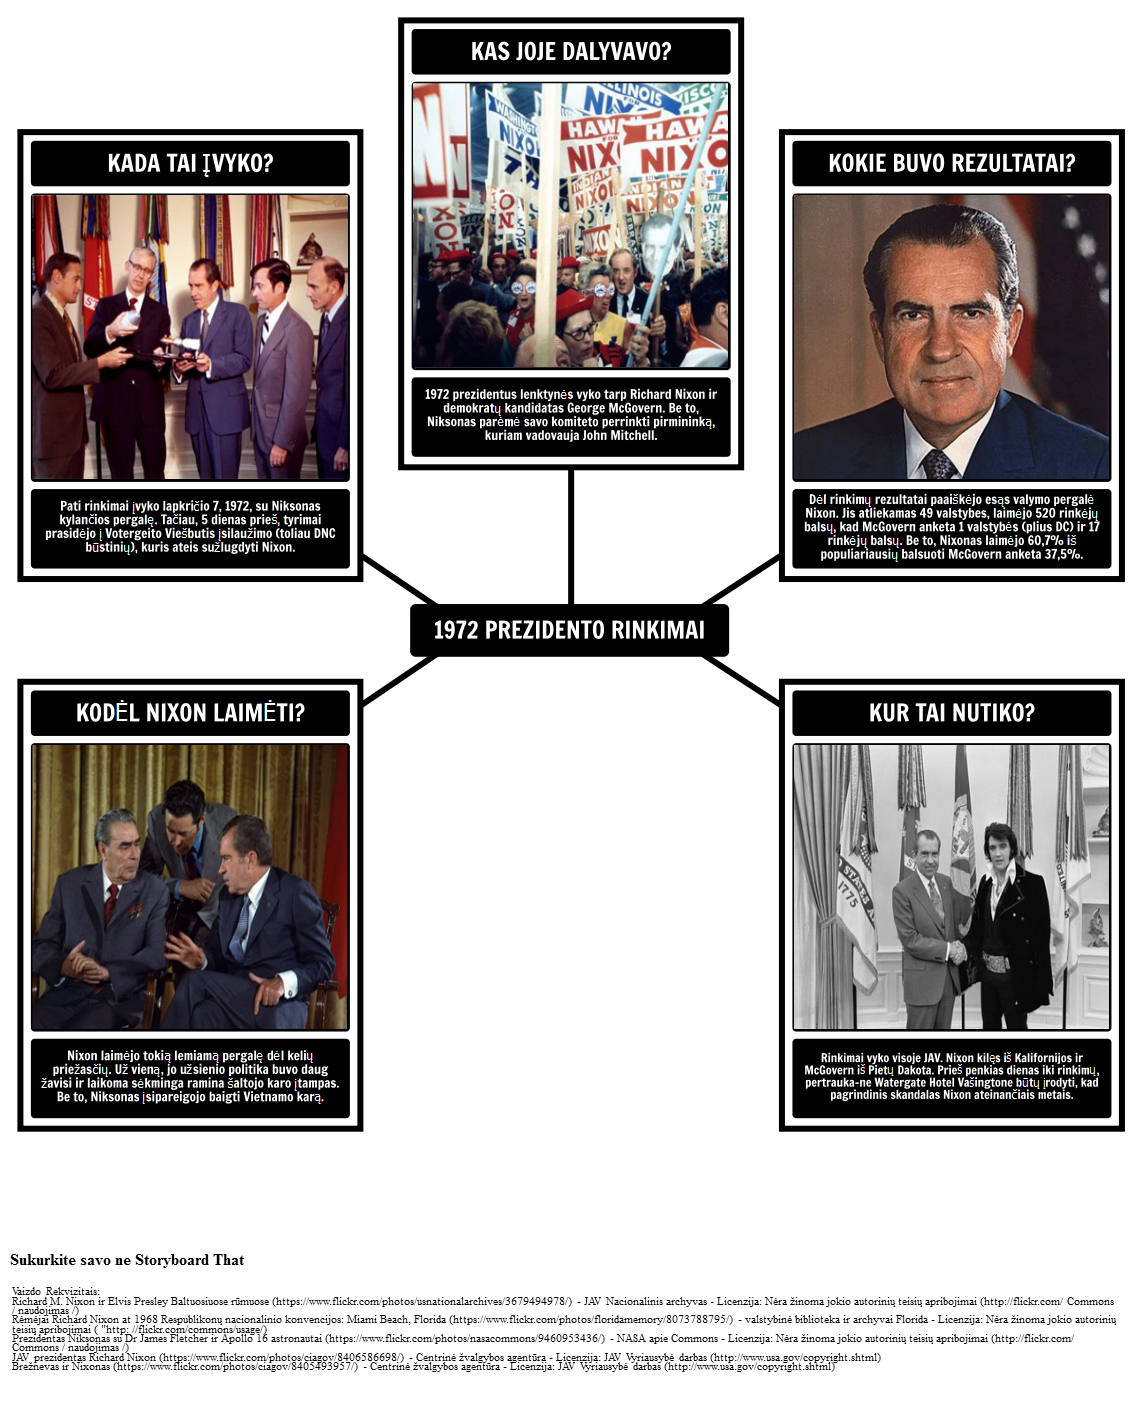 Pirmininkaujanti Richard Nixon - 5 WS 1972 rinkimai